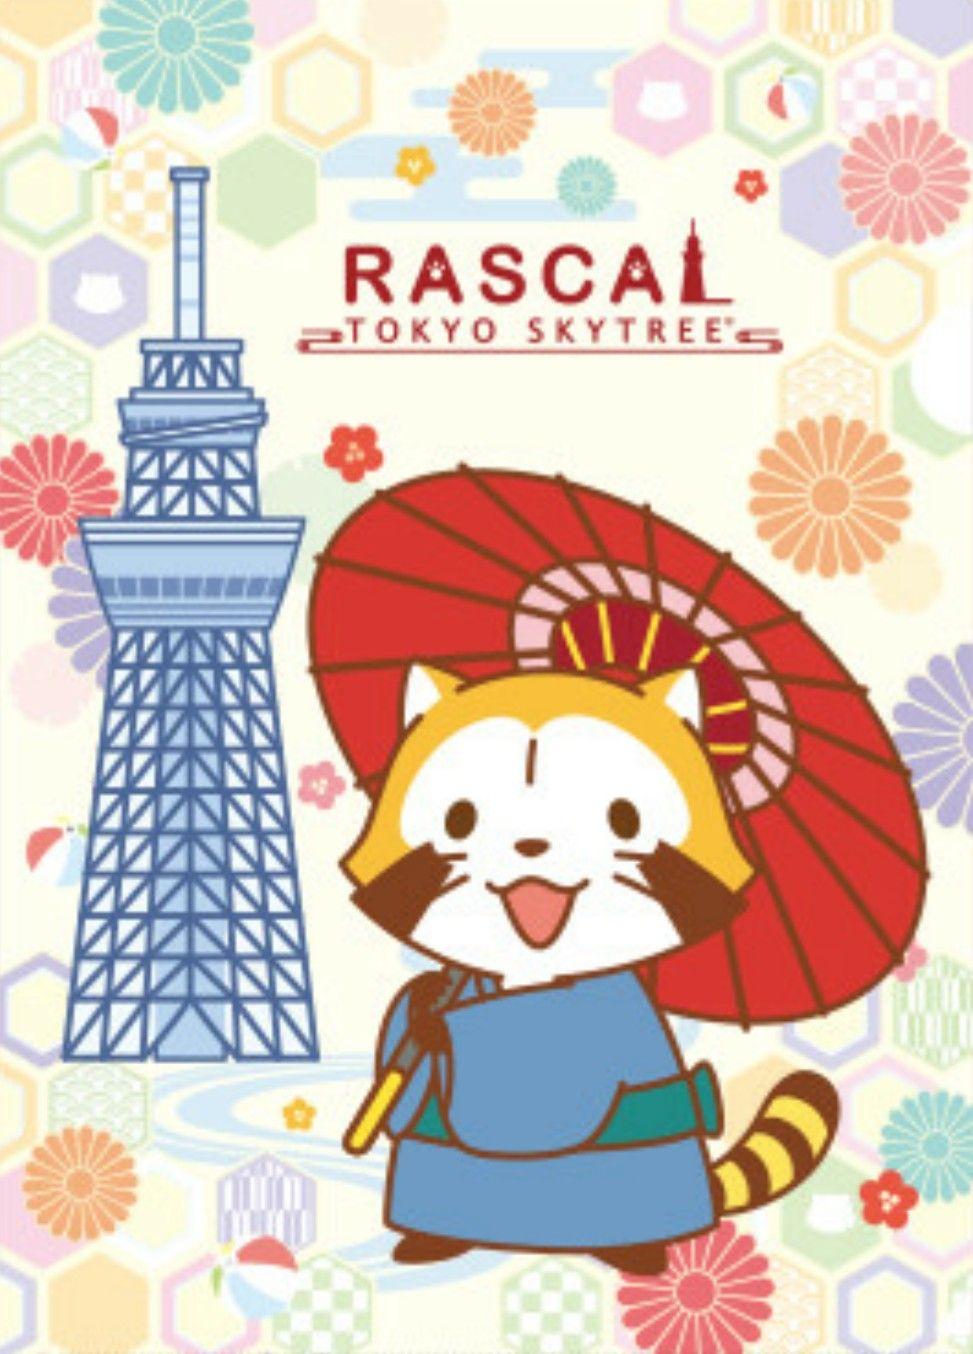 Rascal かわいいイラスト 可愛いイラスト アライグマ